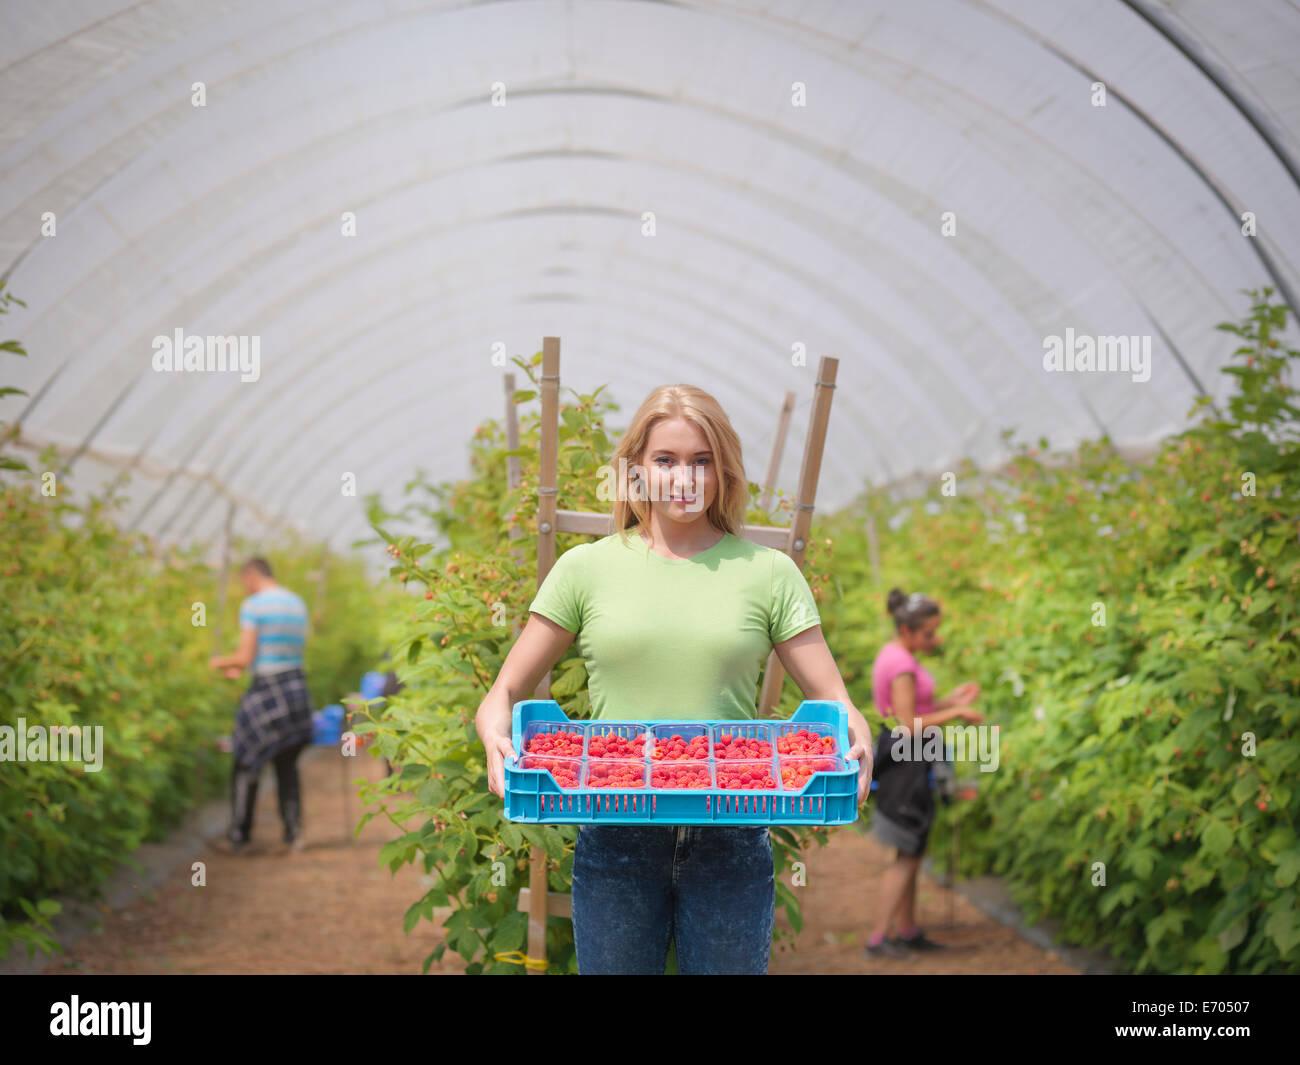 Retrato de trabajador con bandeja de frambuesas en la granja de frutas Imagen De Stock